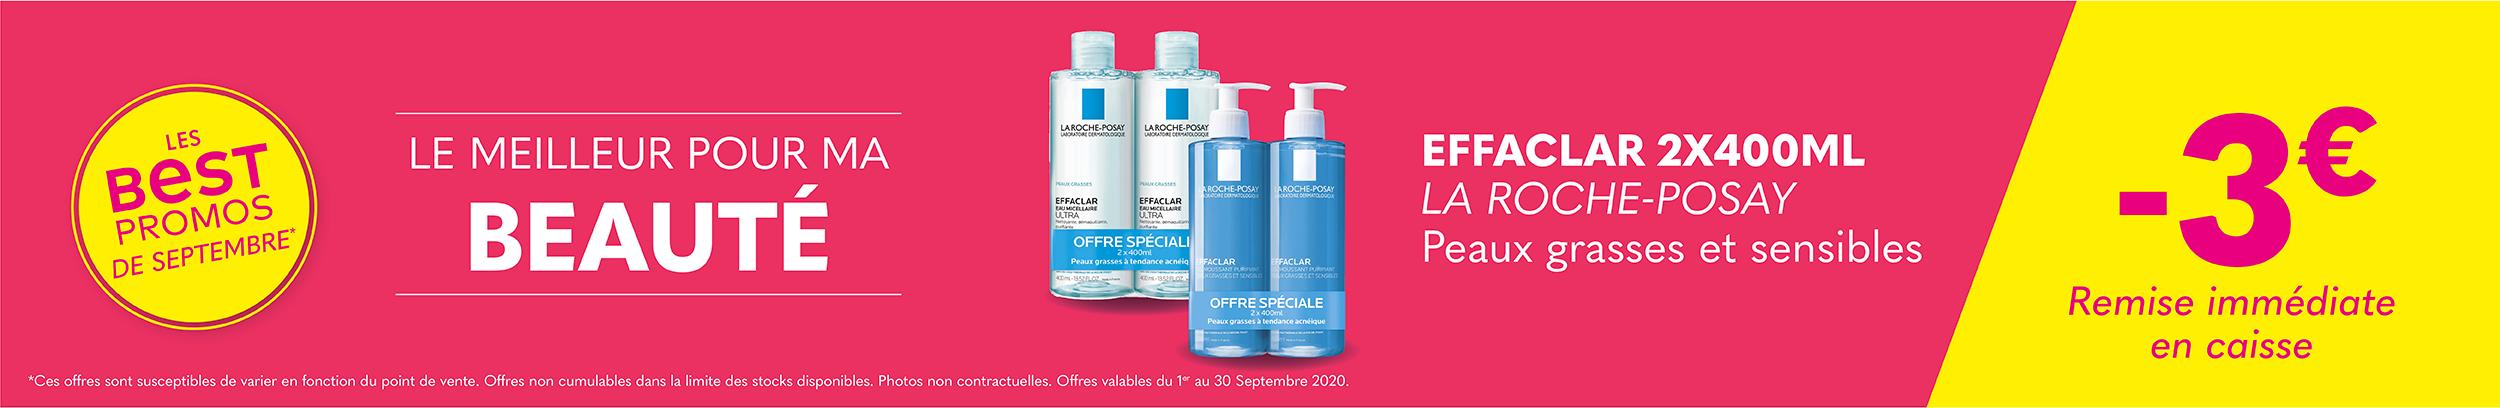 EFFACLAR 2X400ML - LA ROCHE POSAY / Peaux grasses et sensibles